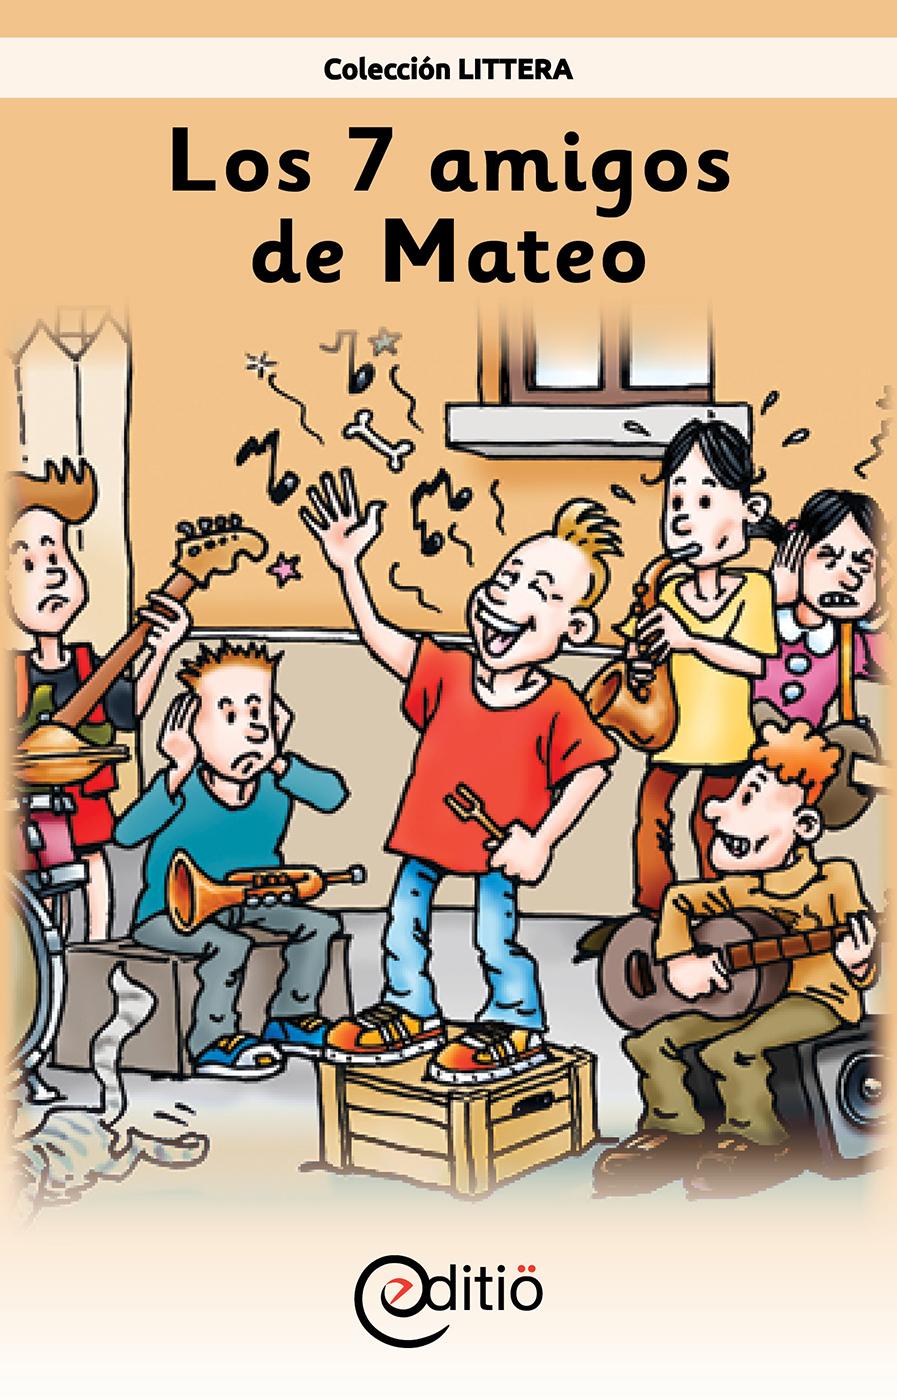 Los 7 amigos de Mateo, Mateo